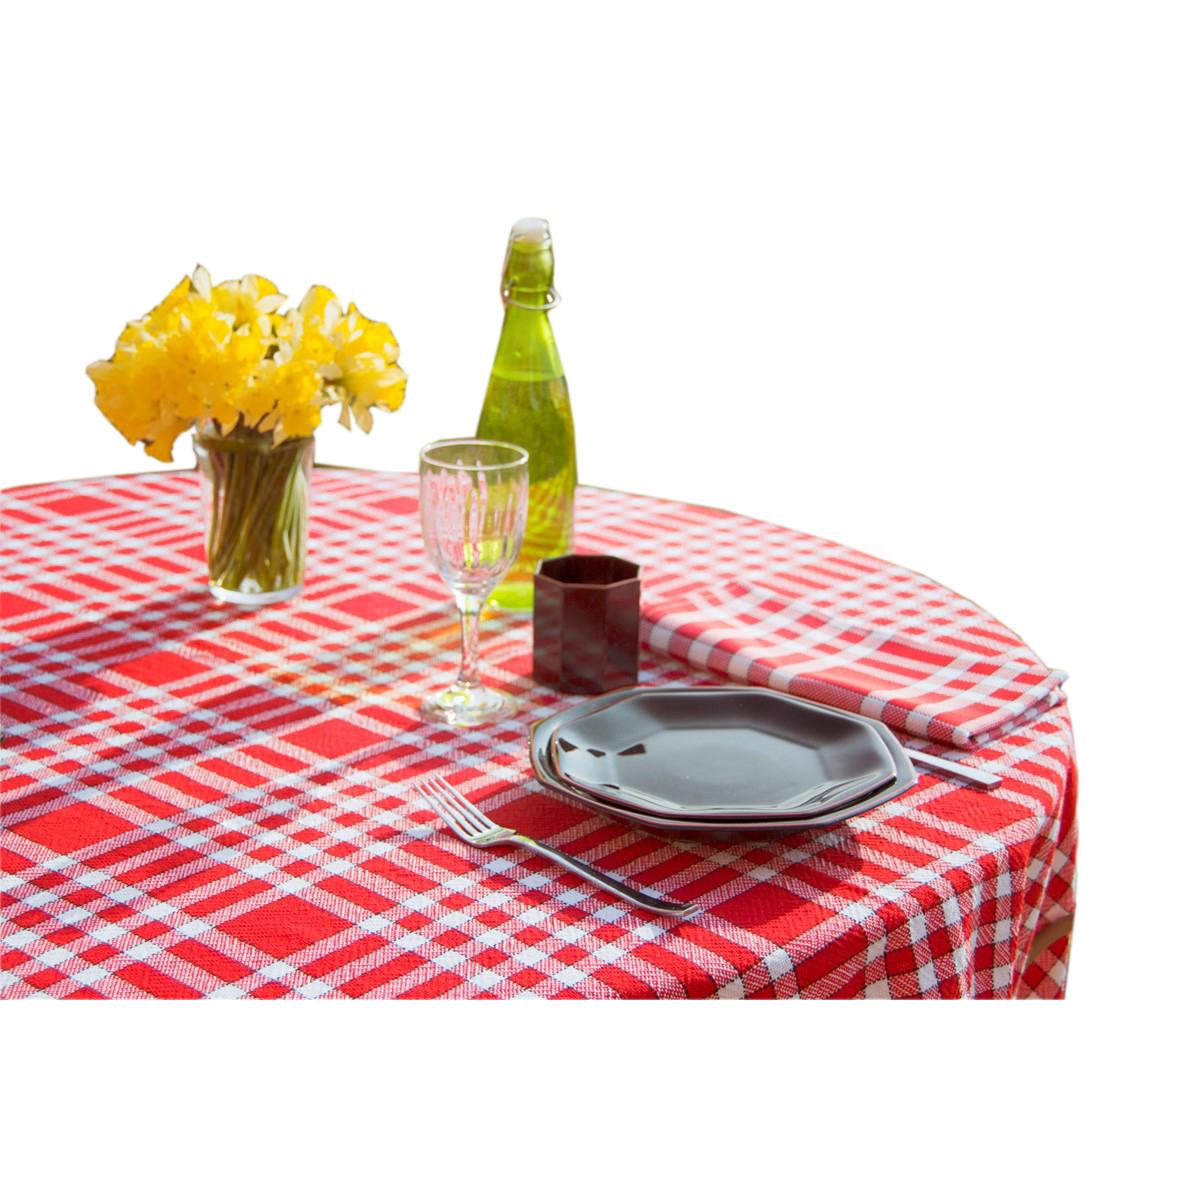 Nappe tissu carreaux vichy en coton rouge 150x150 cm